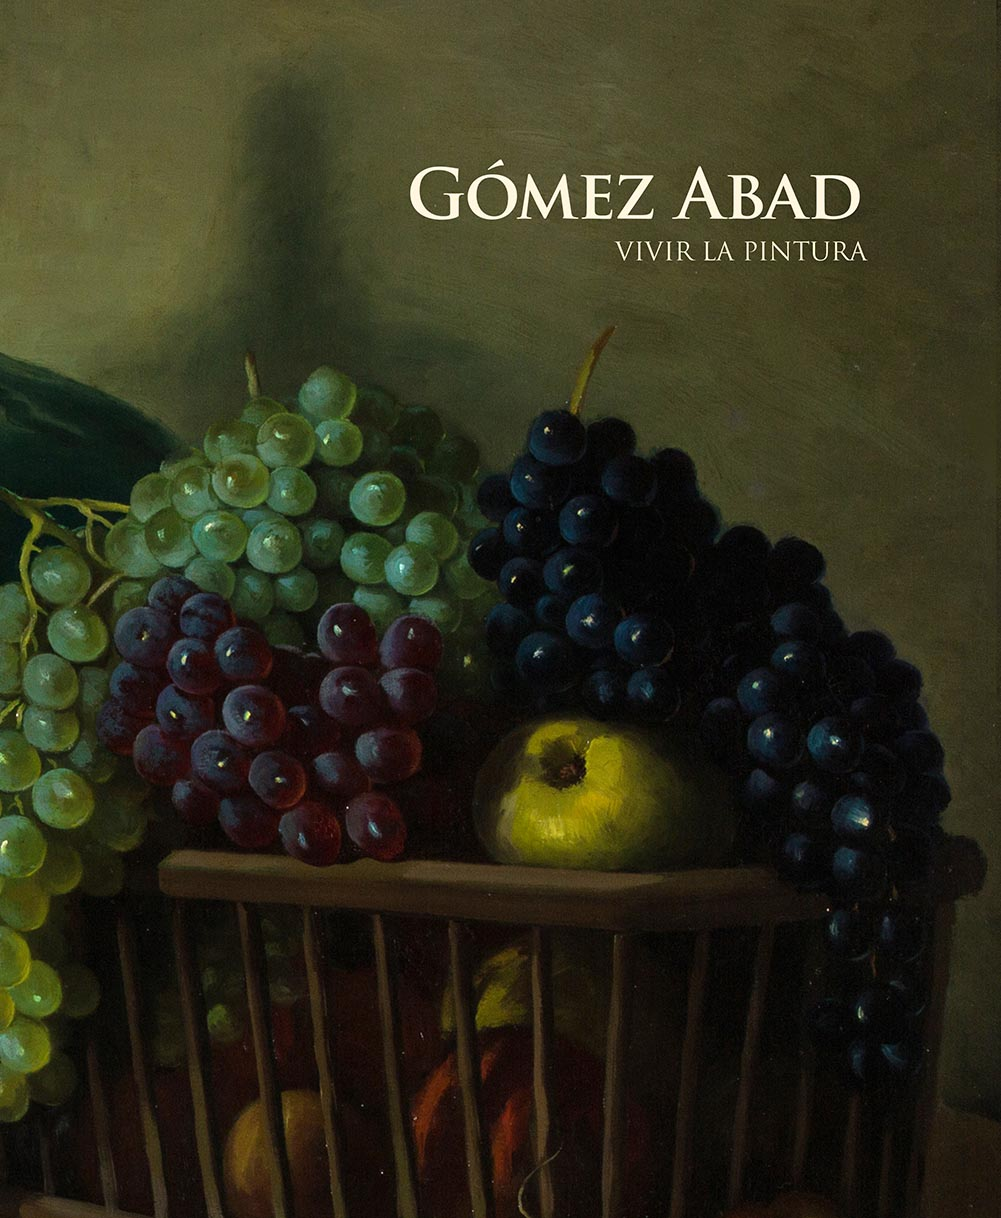 Gómez Abad. Vivir la pintura